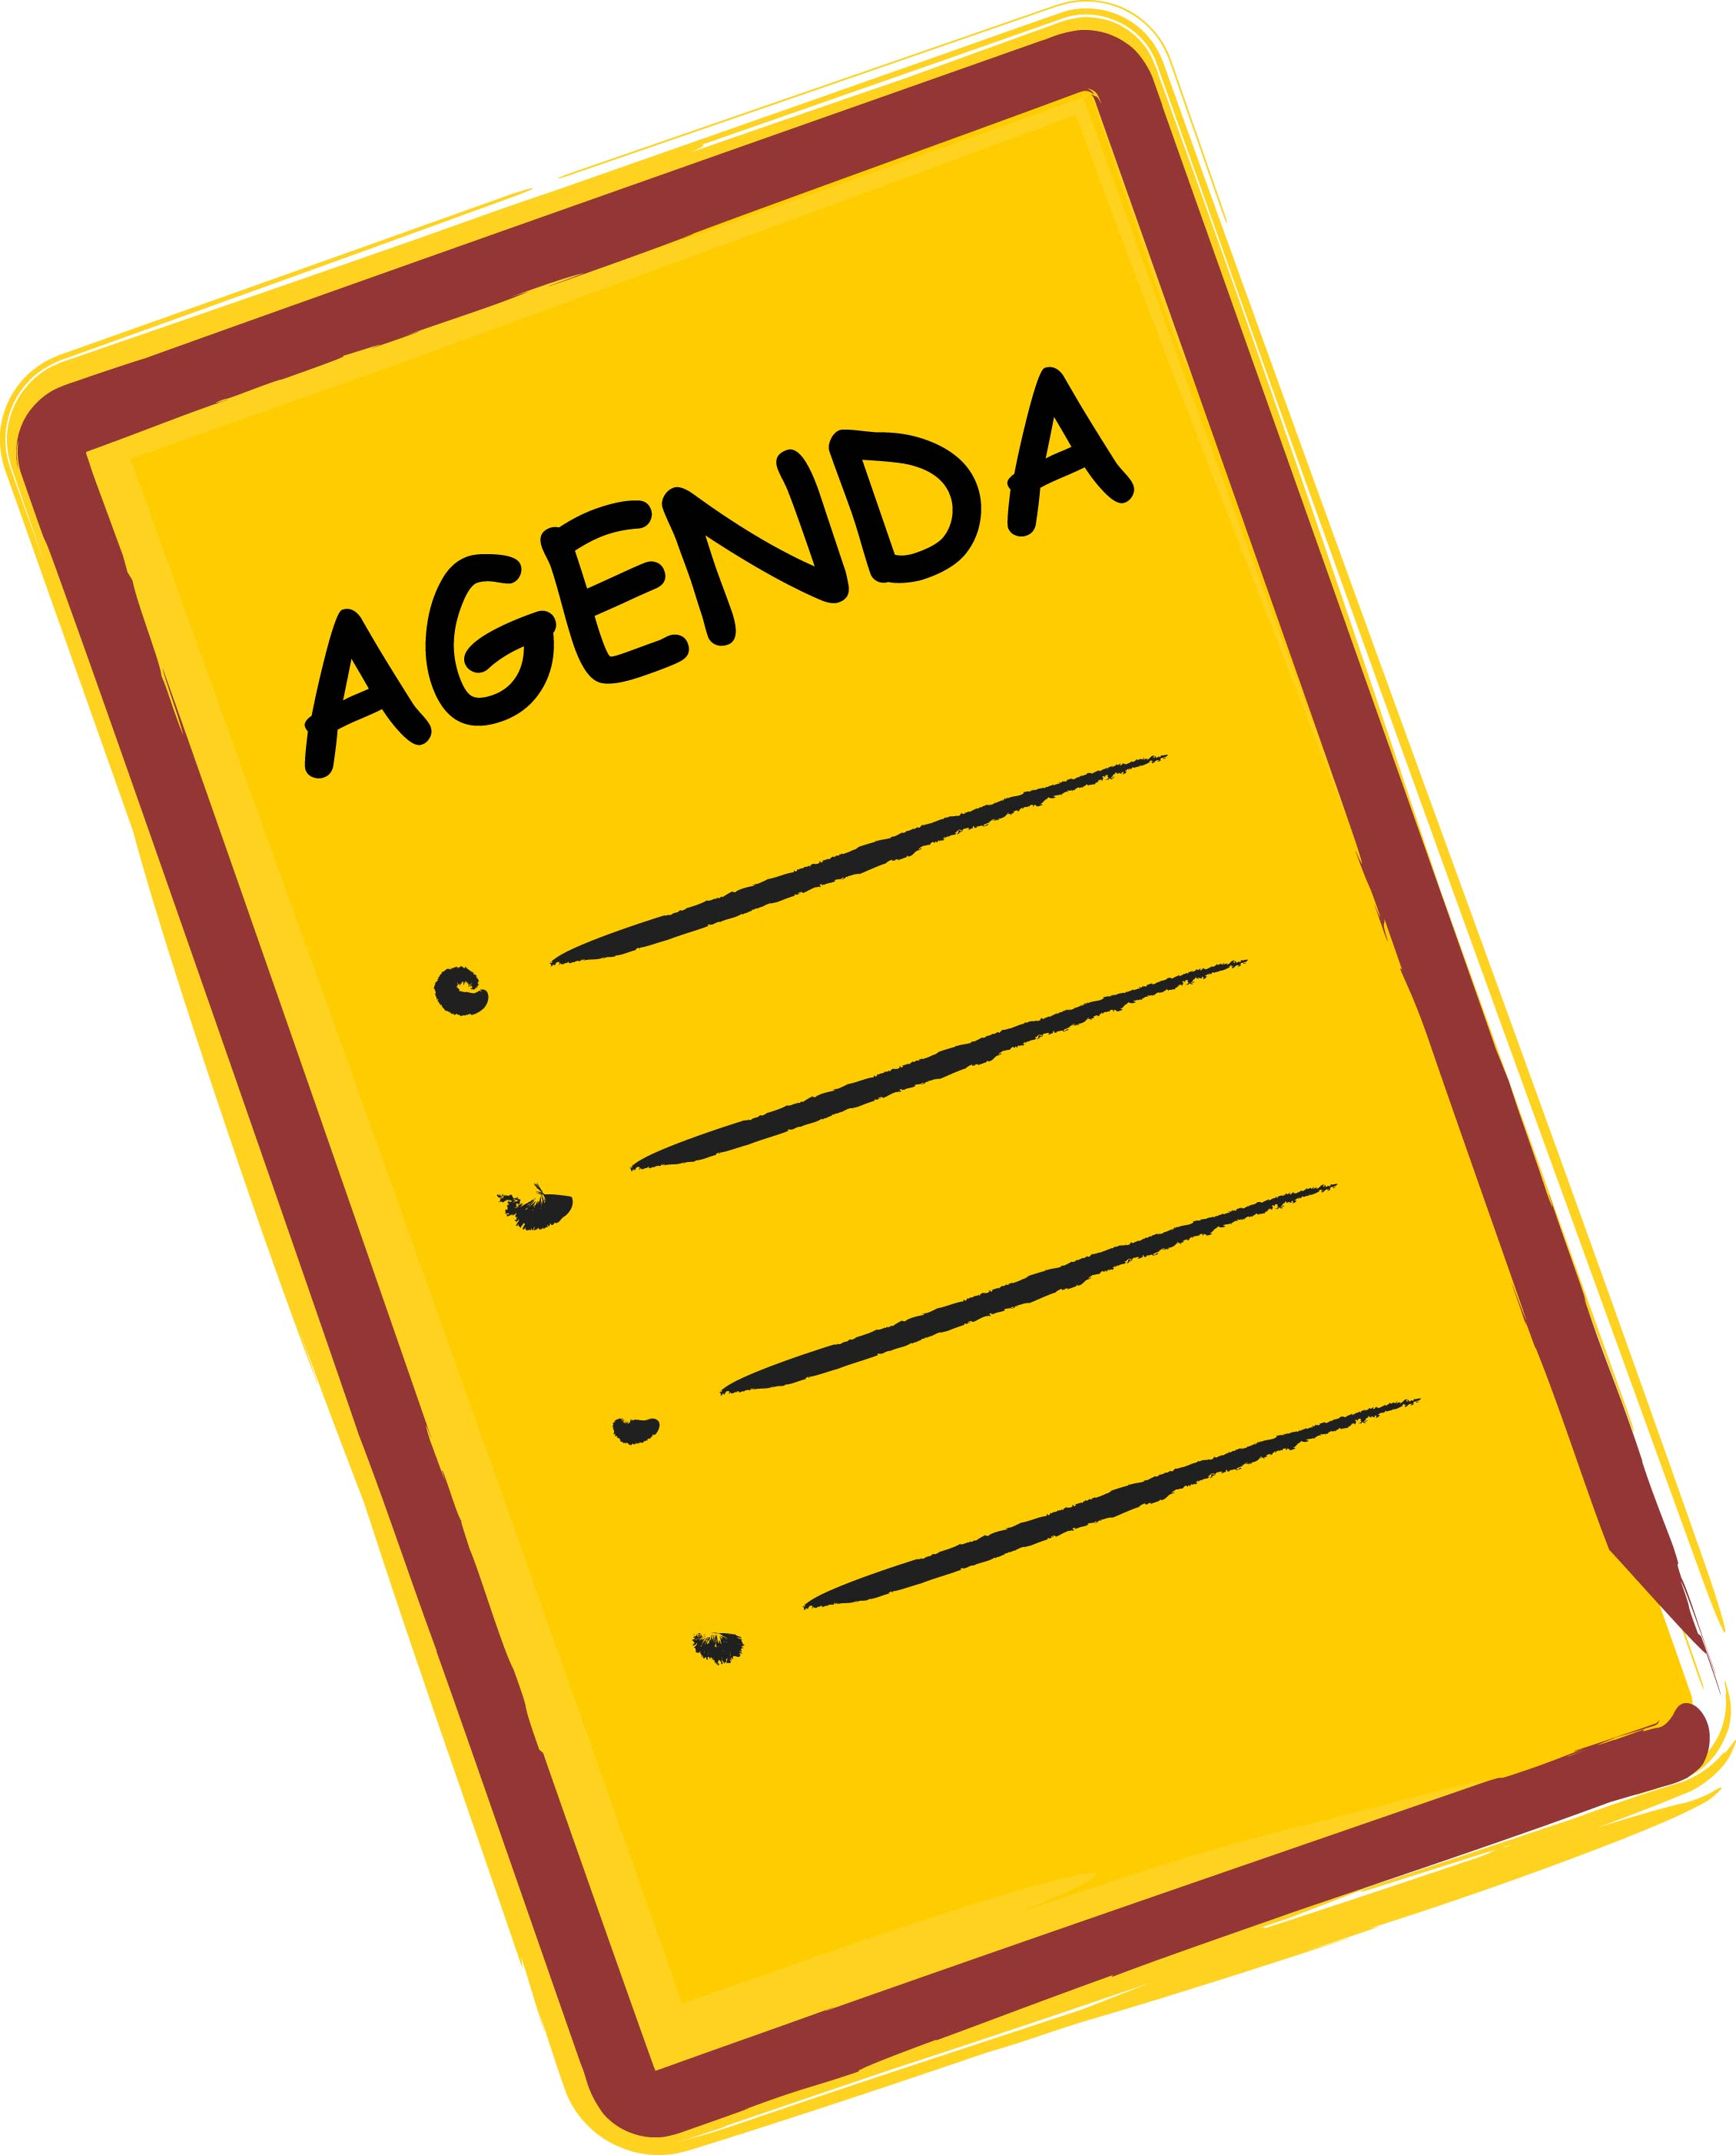 agenda-en-planner-bewegende-animatie-0011